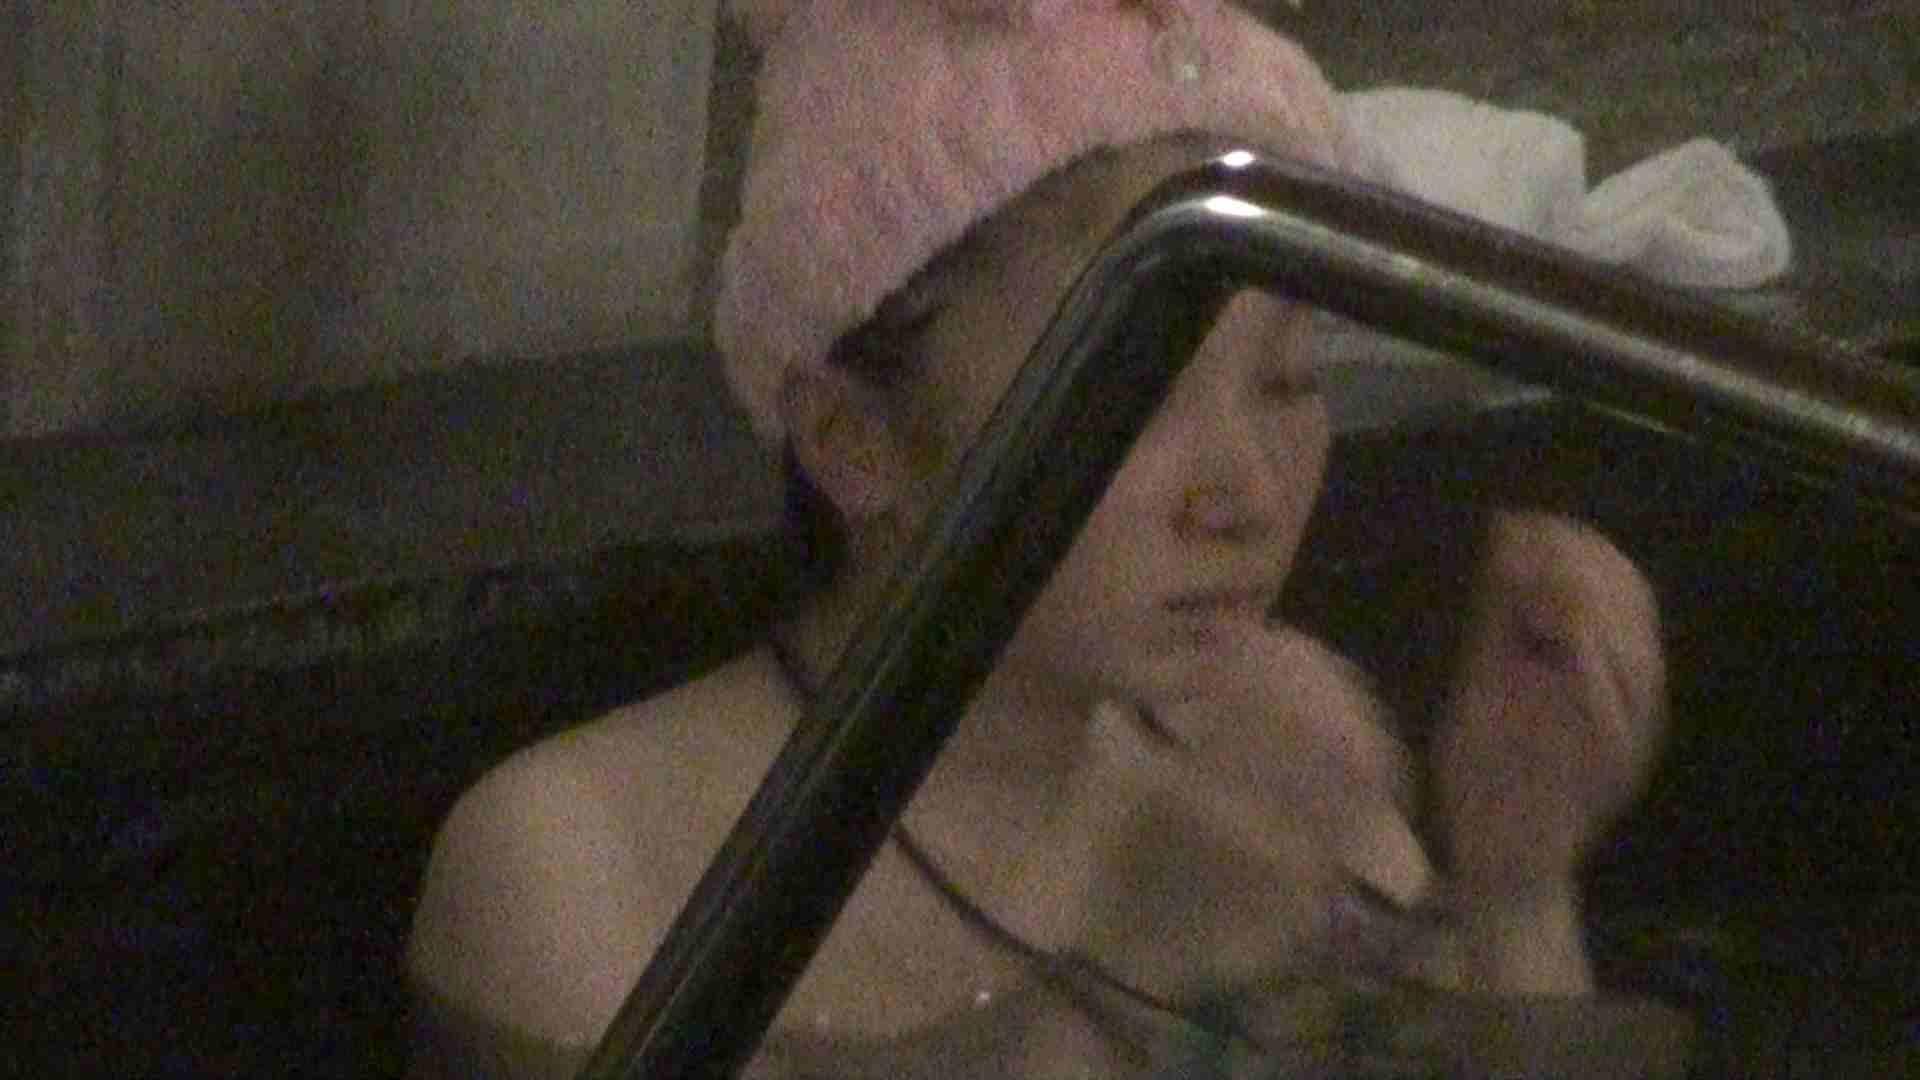 Aquaな露天風呂Vol.347 OLエロ画像 | 露天  95PICs 49